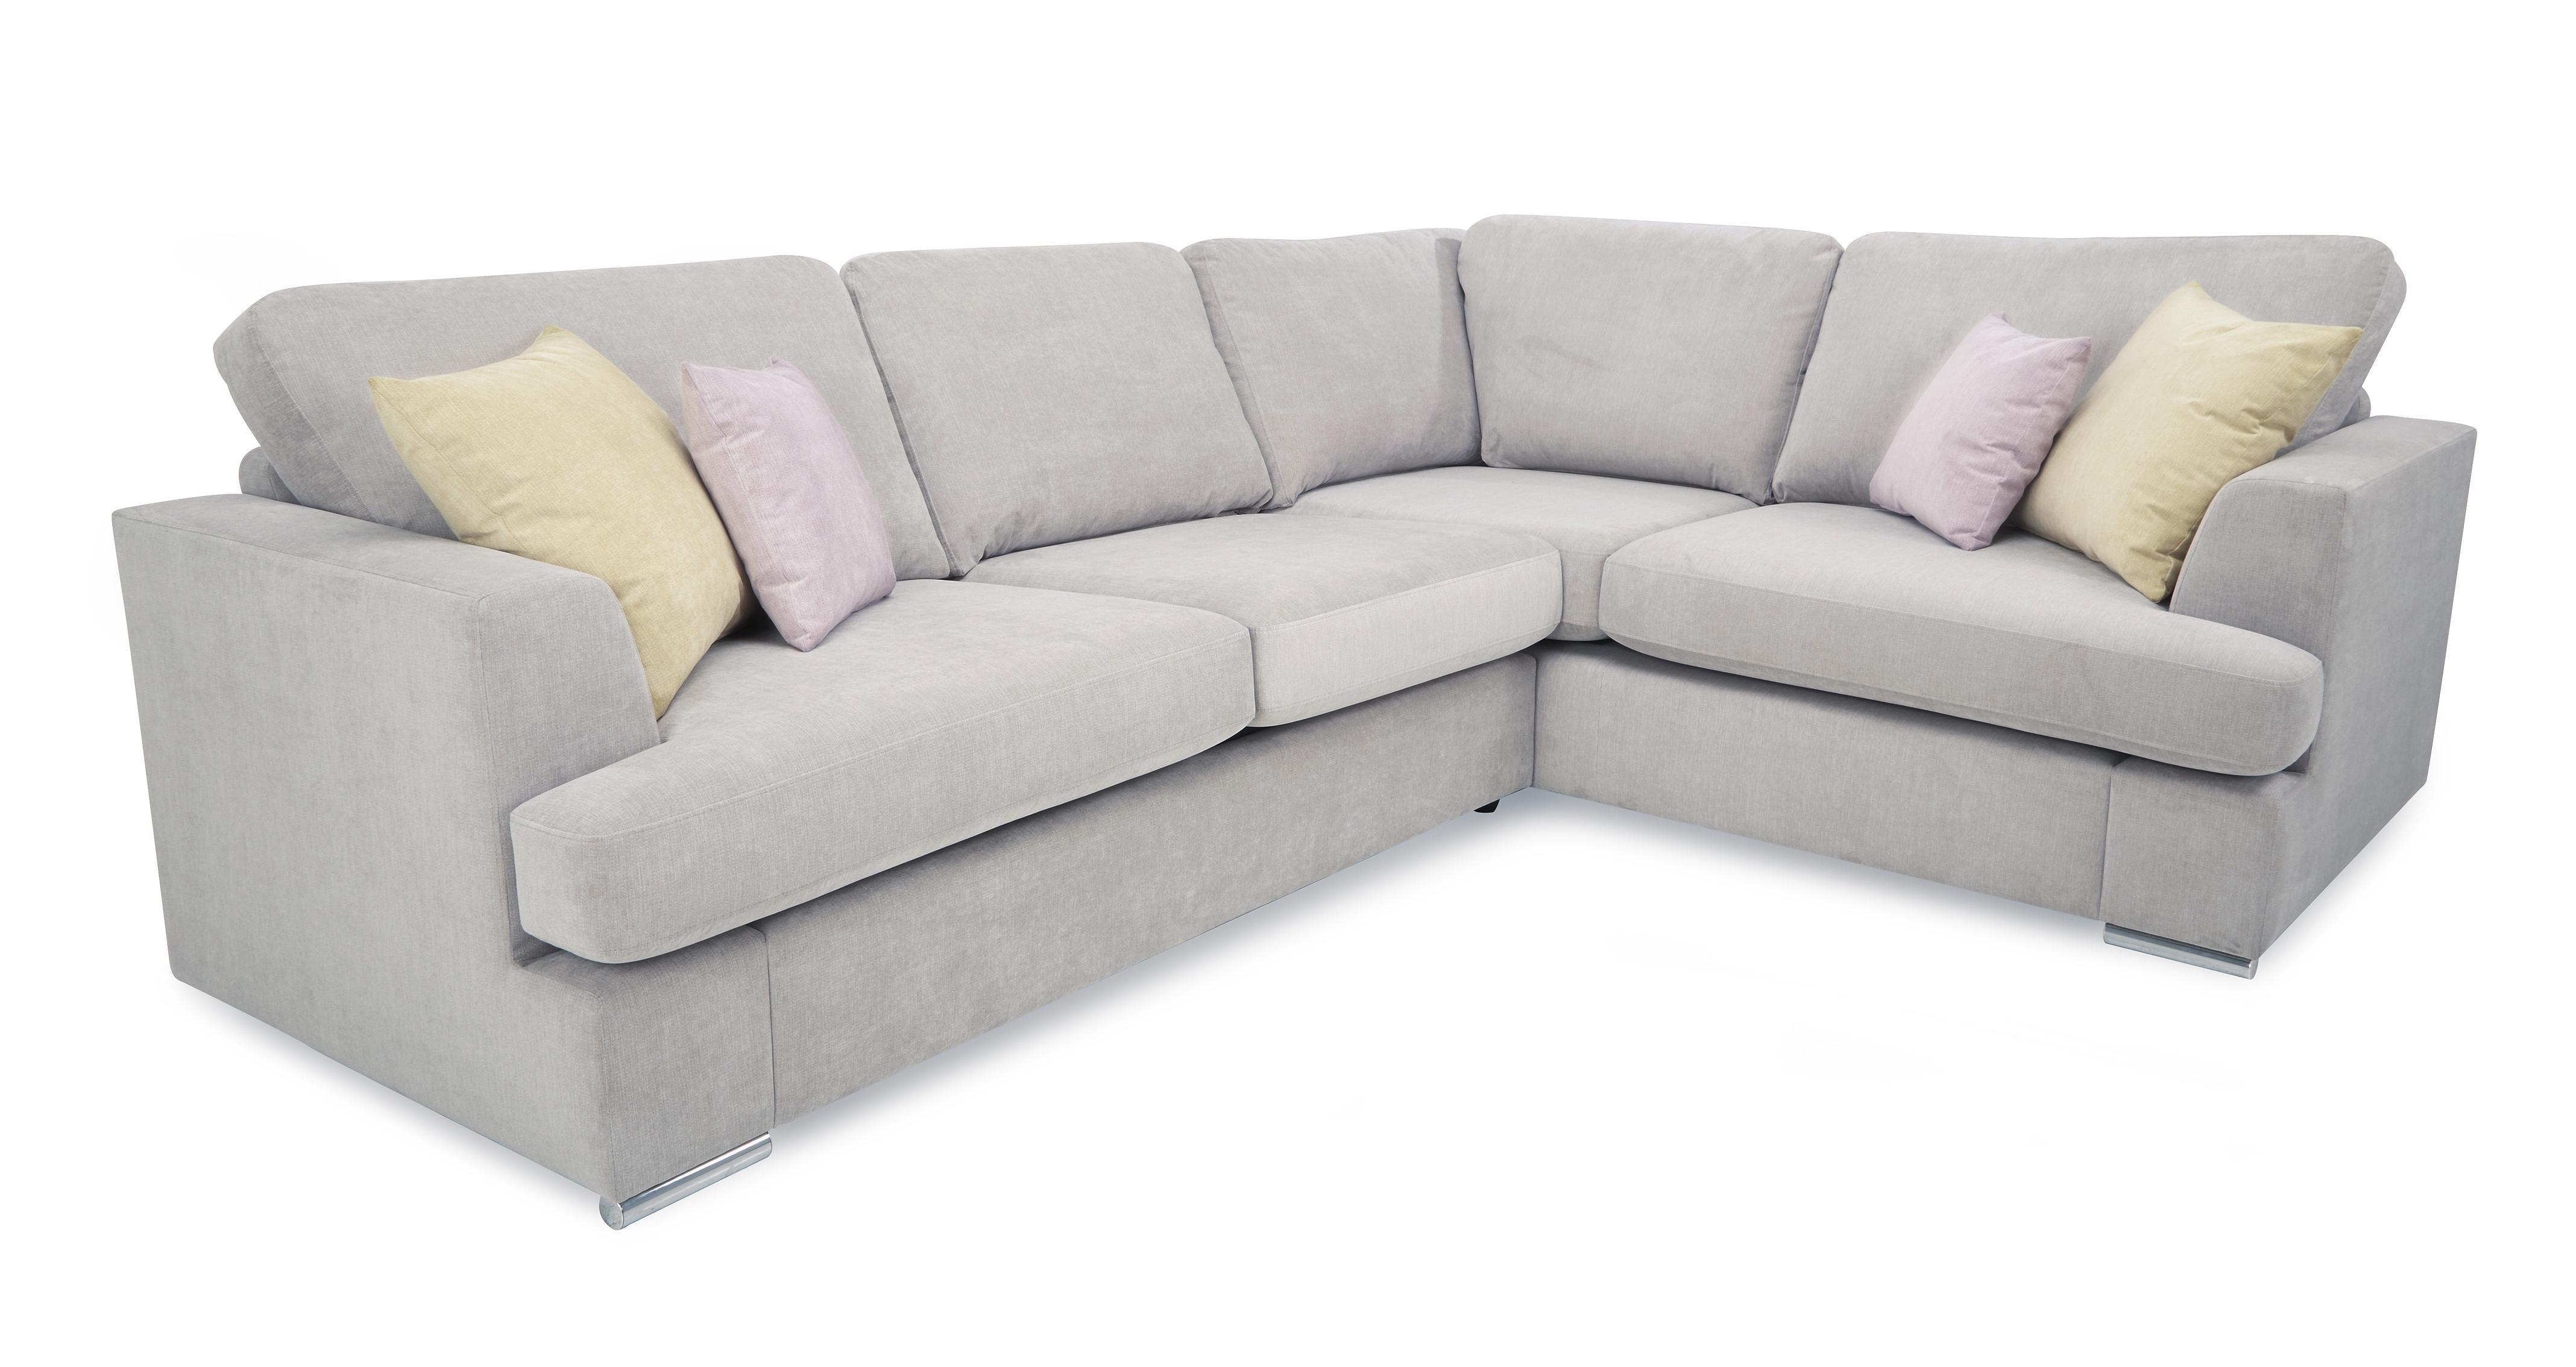 Freya Left Hand Facing 2 Piece Corner Deluxe Sofa Bed In 2020 Corner Sofa Sofa Bed Sale Sofa Bed